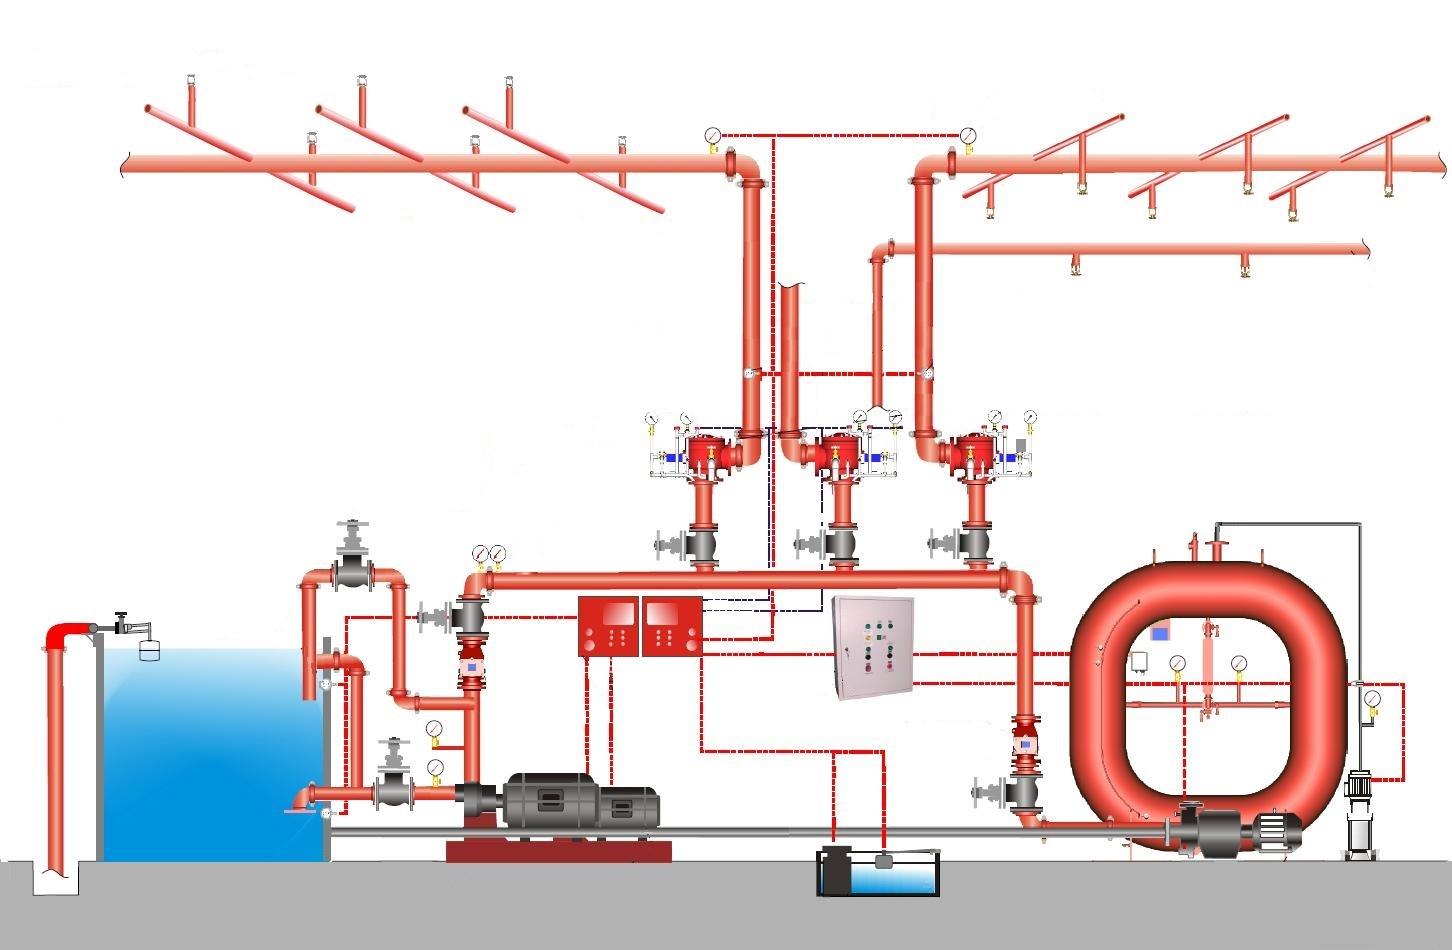 Внутренний пожарный водопровод может быть включен в коммуникации системы водяного пожаротушения. Этот пример представлен на фото.